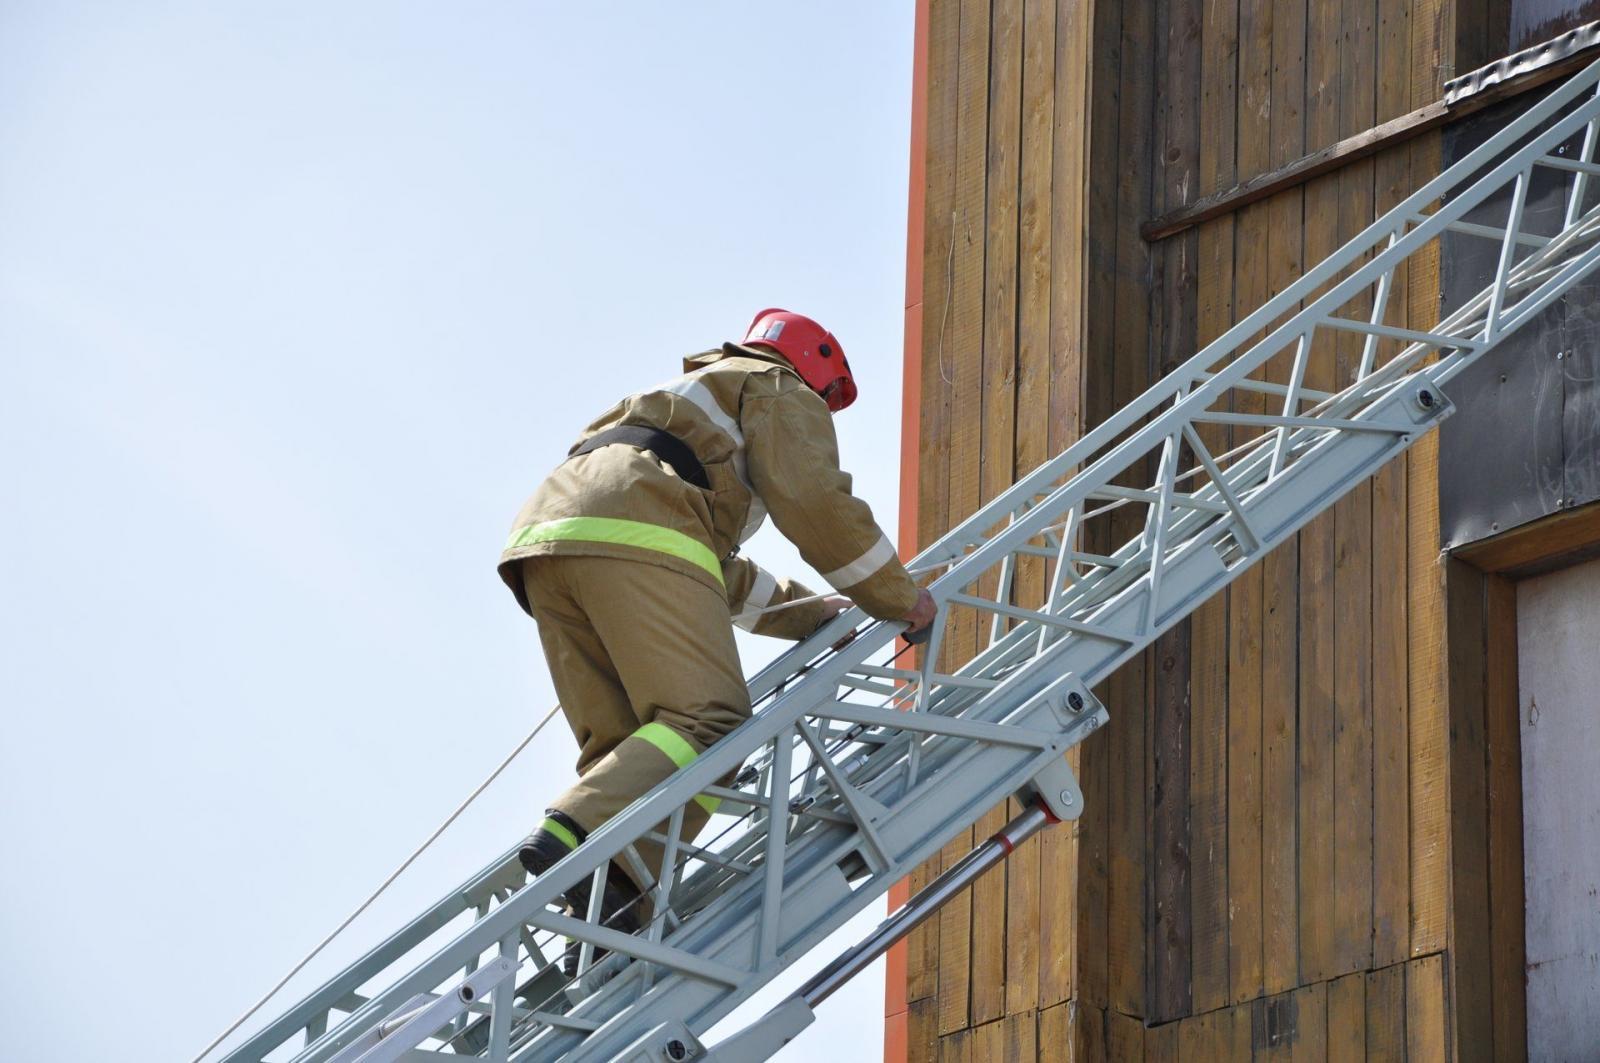 Самый быстрый брянский пожарный поднялся на 18-й этаж за 1 минуту и 41 секунду